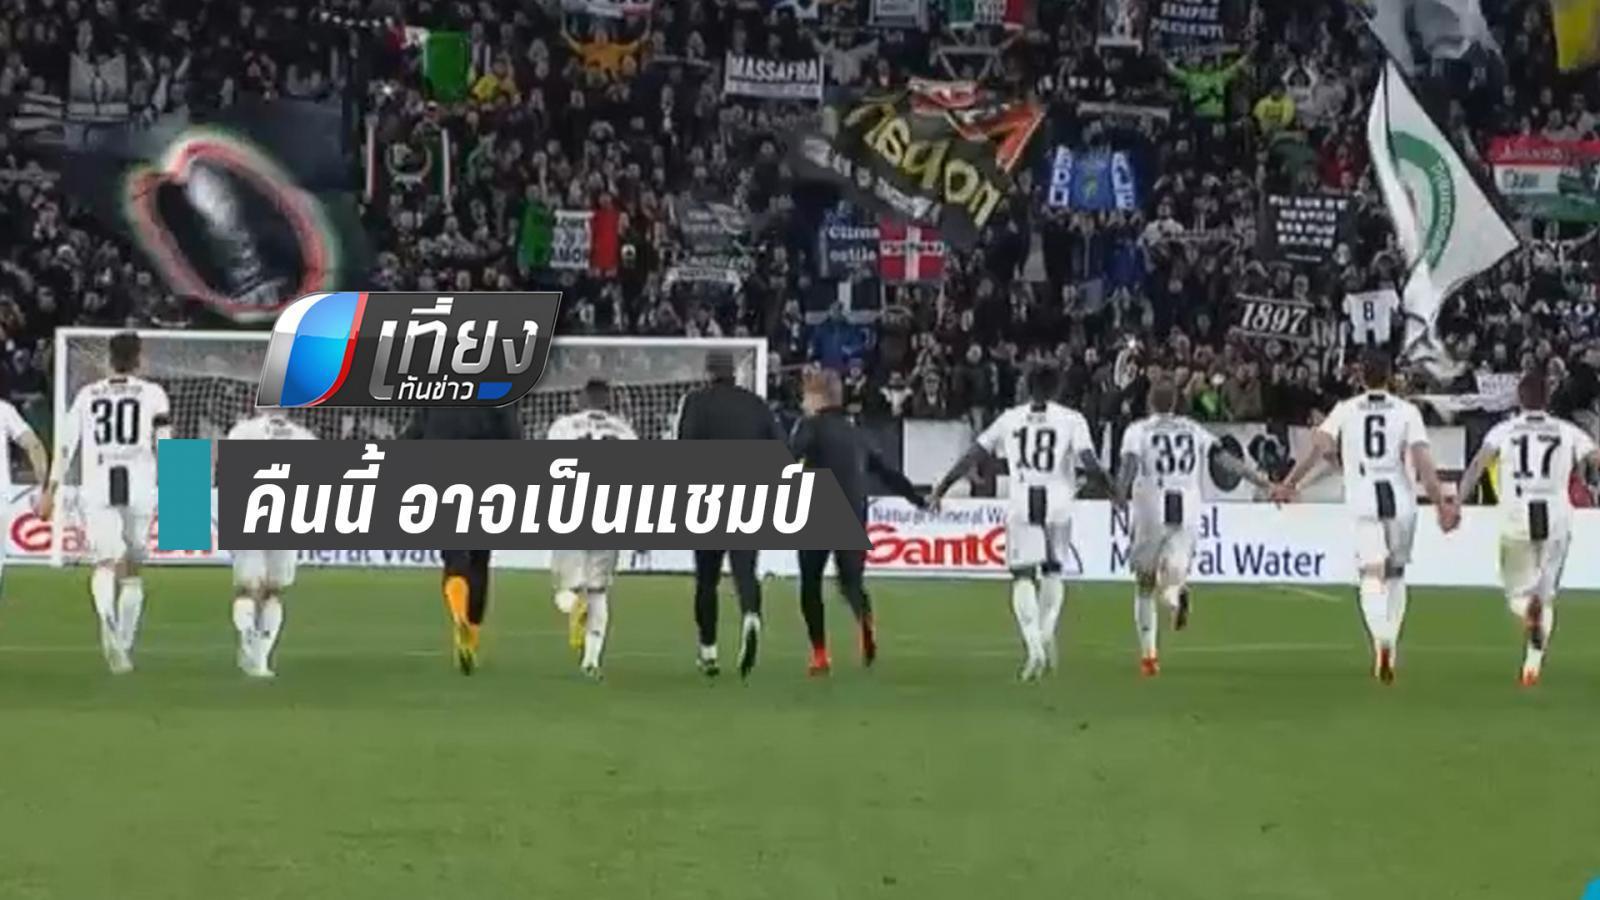 """ยูเวนตุส: ยูเวนตุส จ่อแชมป์ """"เซเรียอา"""" หลังพลิกกลับเฉือน มิลาน 2-1"""